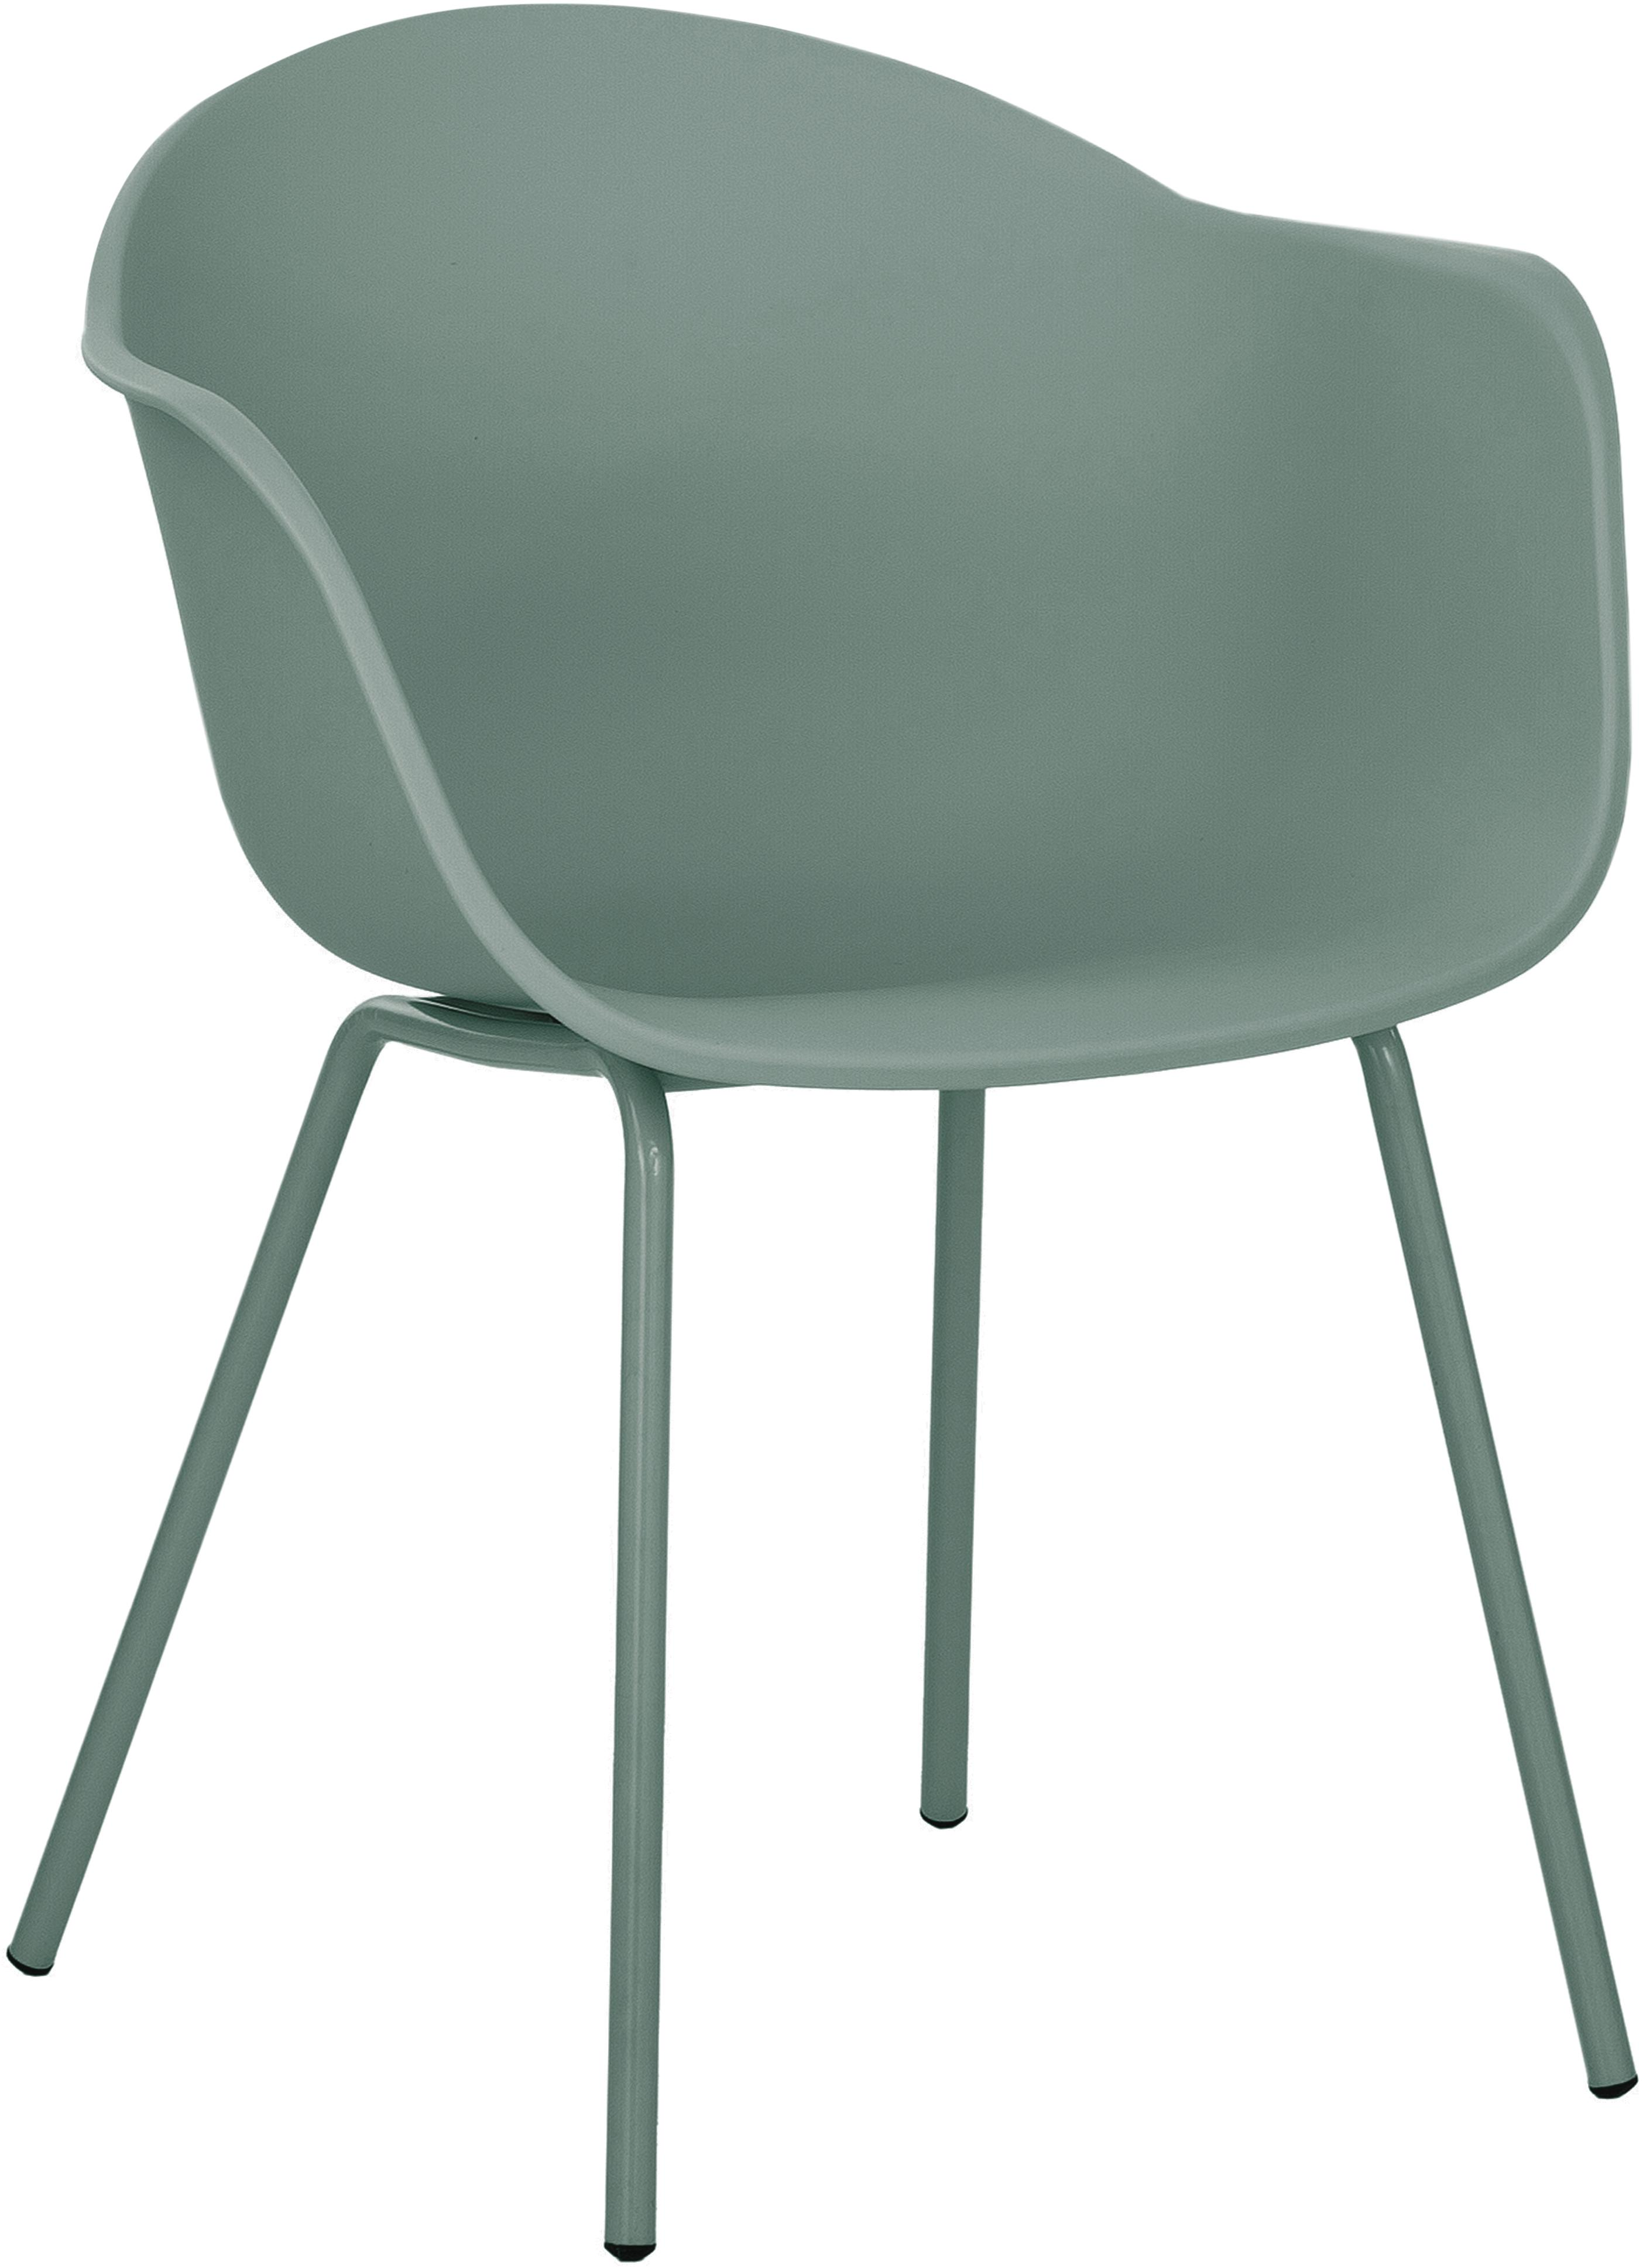 Sedia con braccioli in plastica con gambe in metallo Claire, Seduta: materiale sintetico, Gambe: metallo verniciato a polv, Verde, Larg. 54 x Prof. 60 cm